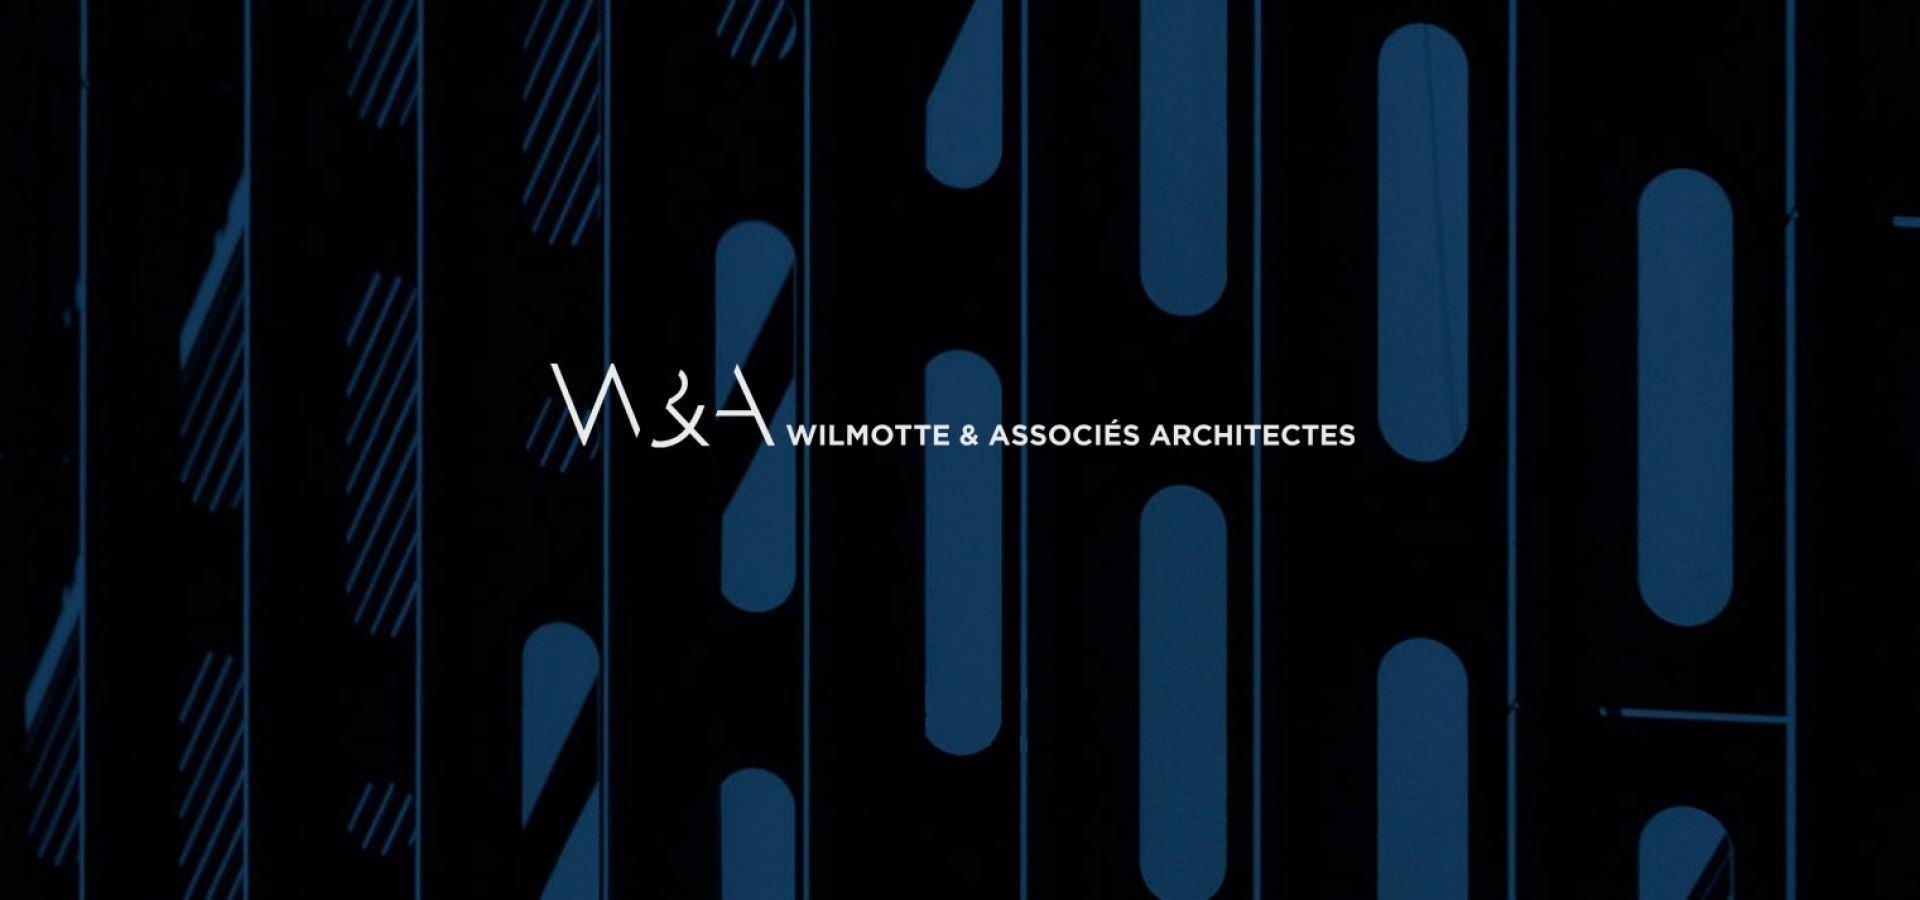 STUDIO WILMOTTE